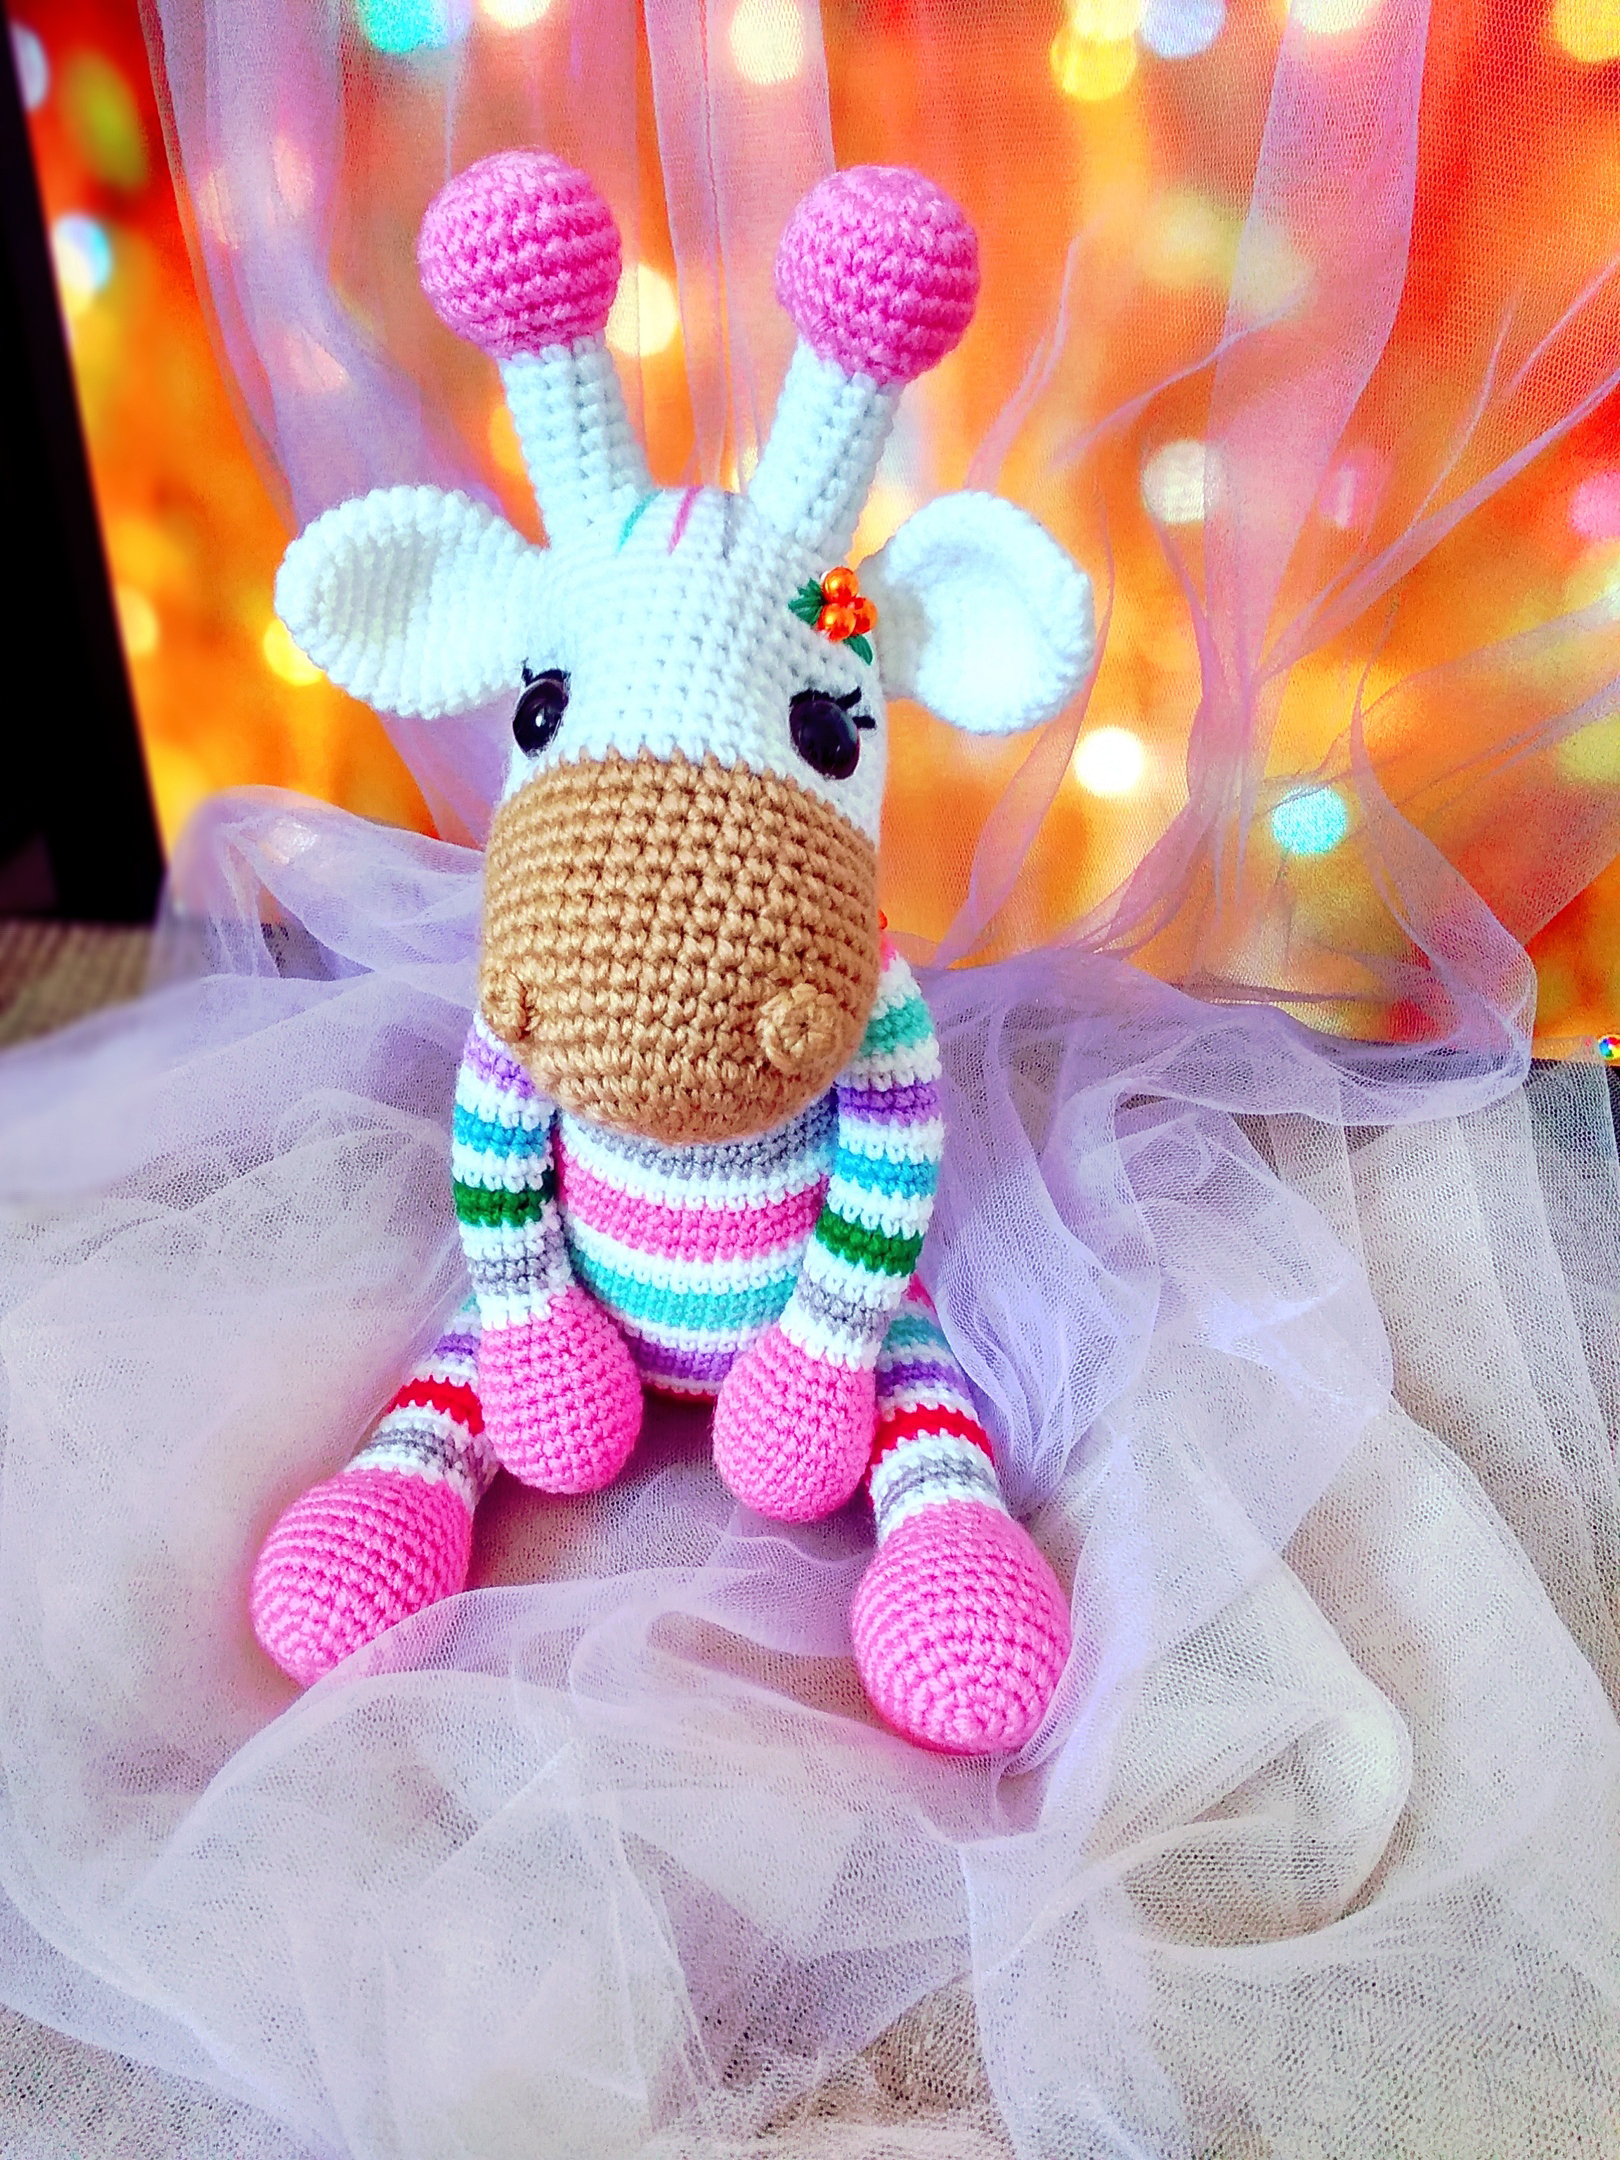 Ballerina doll amigurumi pattern | Crochet doll tutorial, Crochet ... | 2160x1620